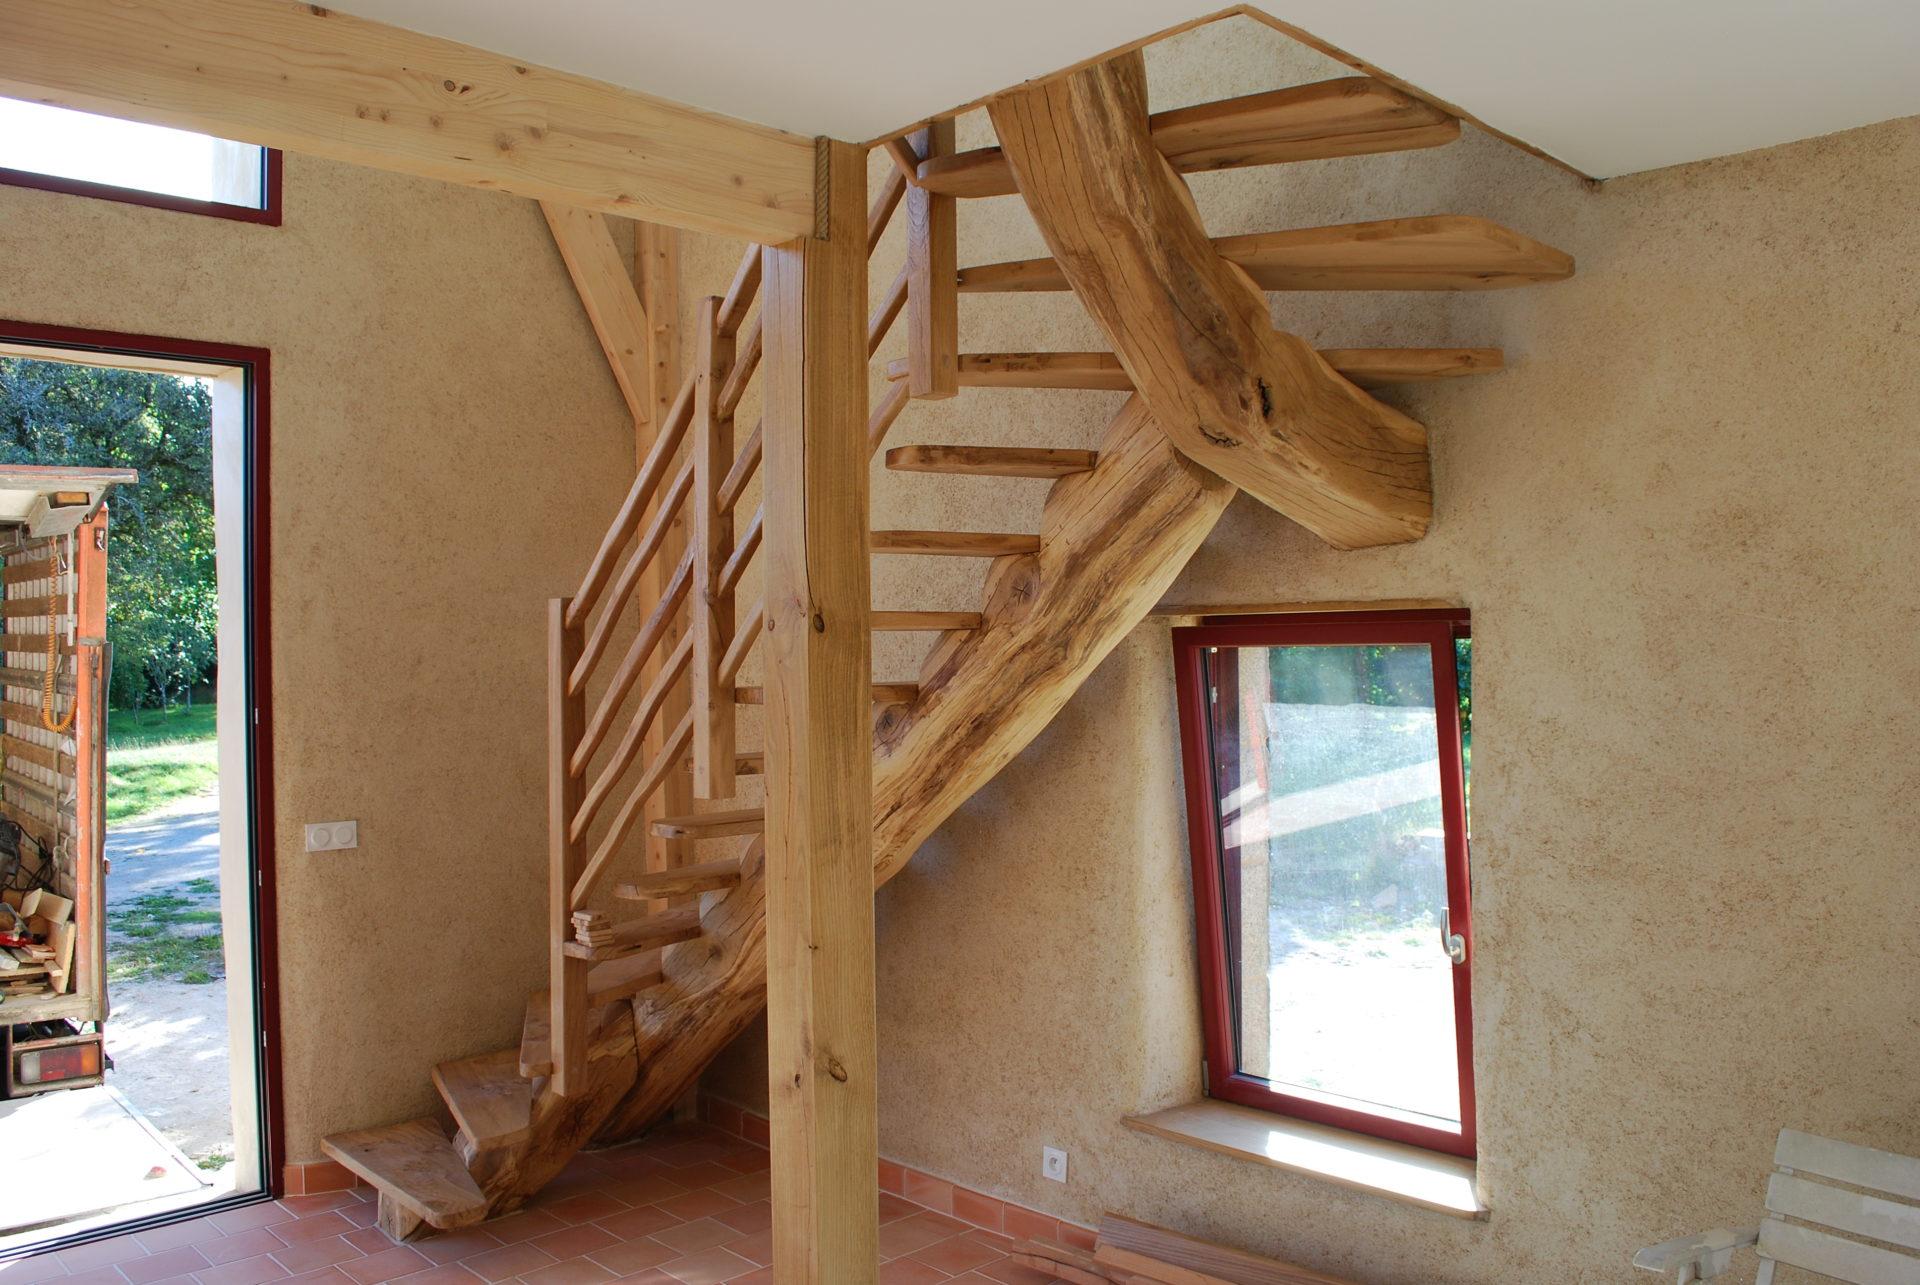 Escalier Bois Entre Deux Murs fabrication et pose d'un escalier assez atypique - terre